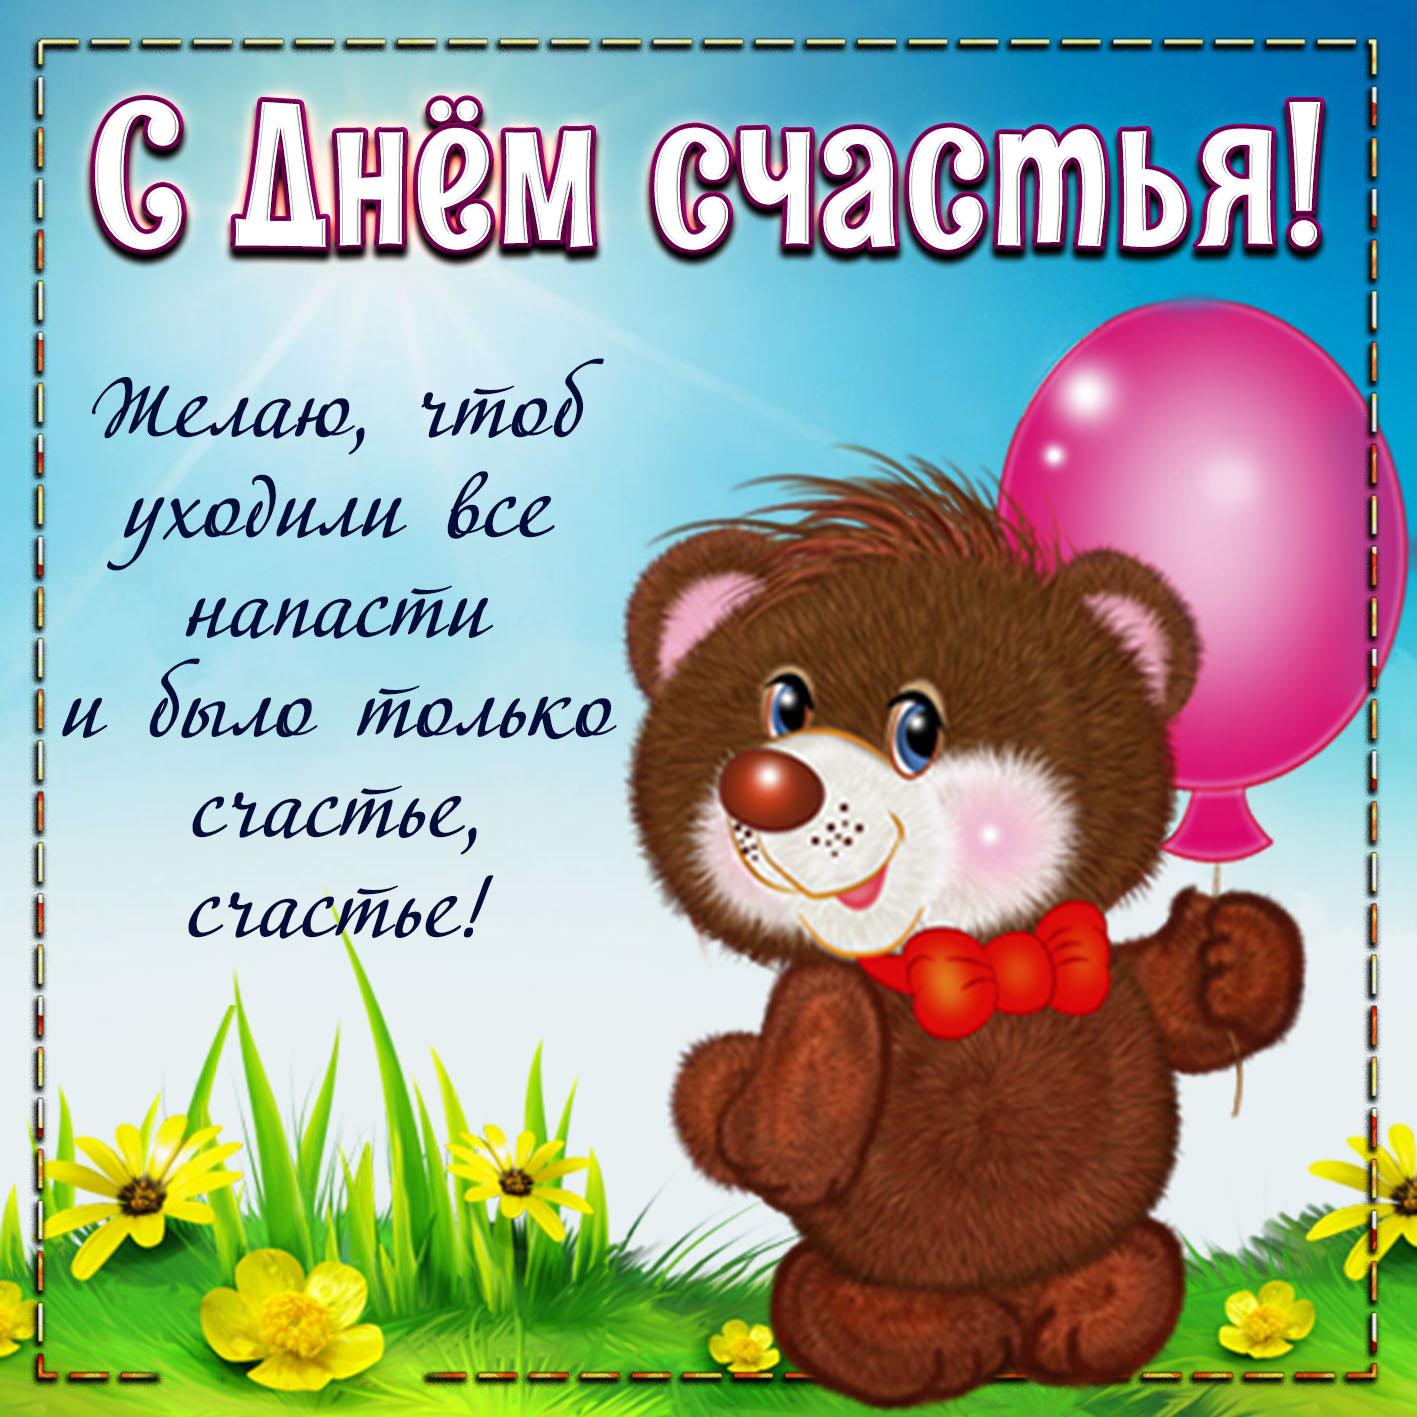 Открытка - медвежонок поздравляет с Днём счастья